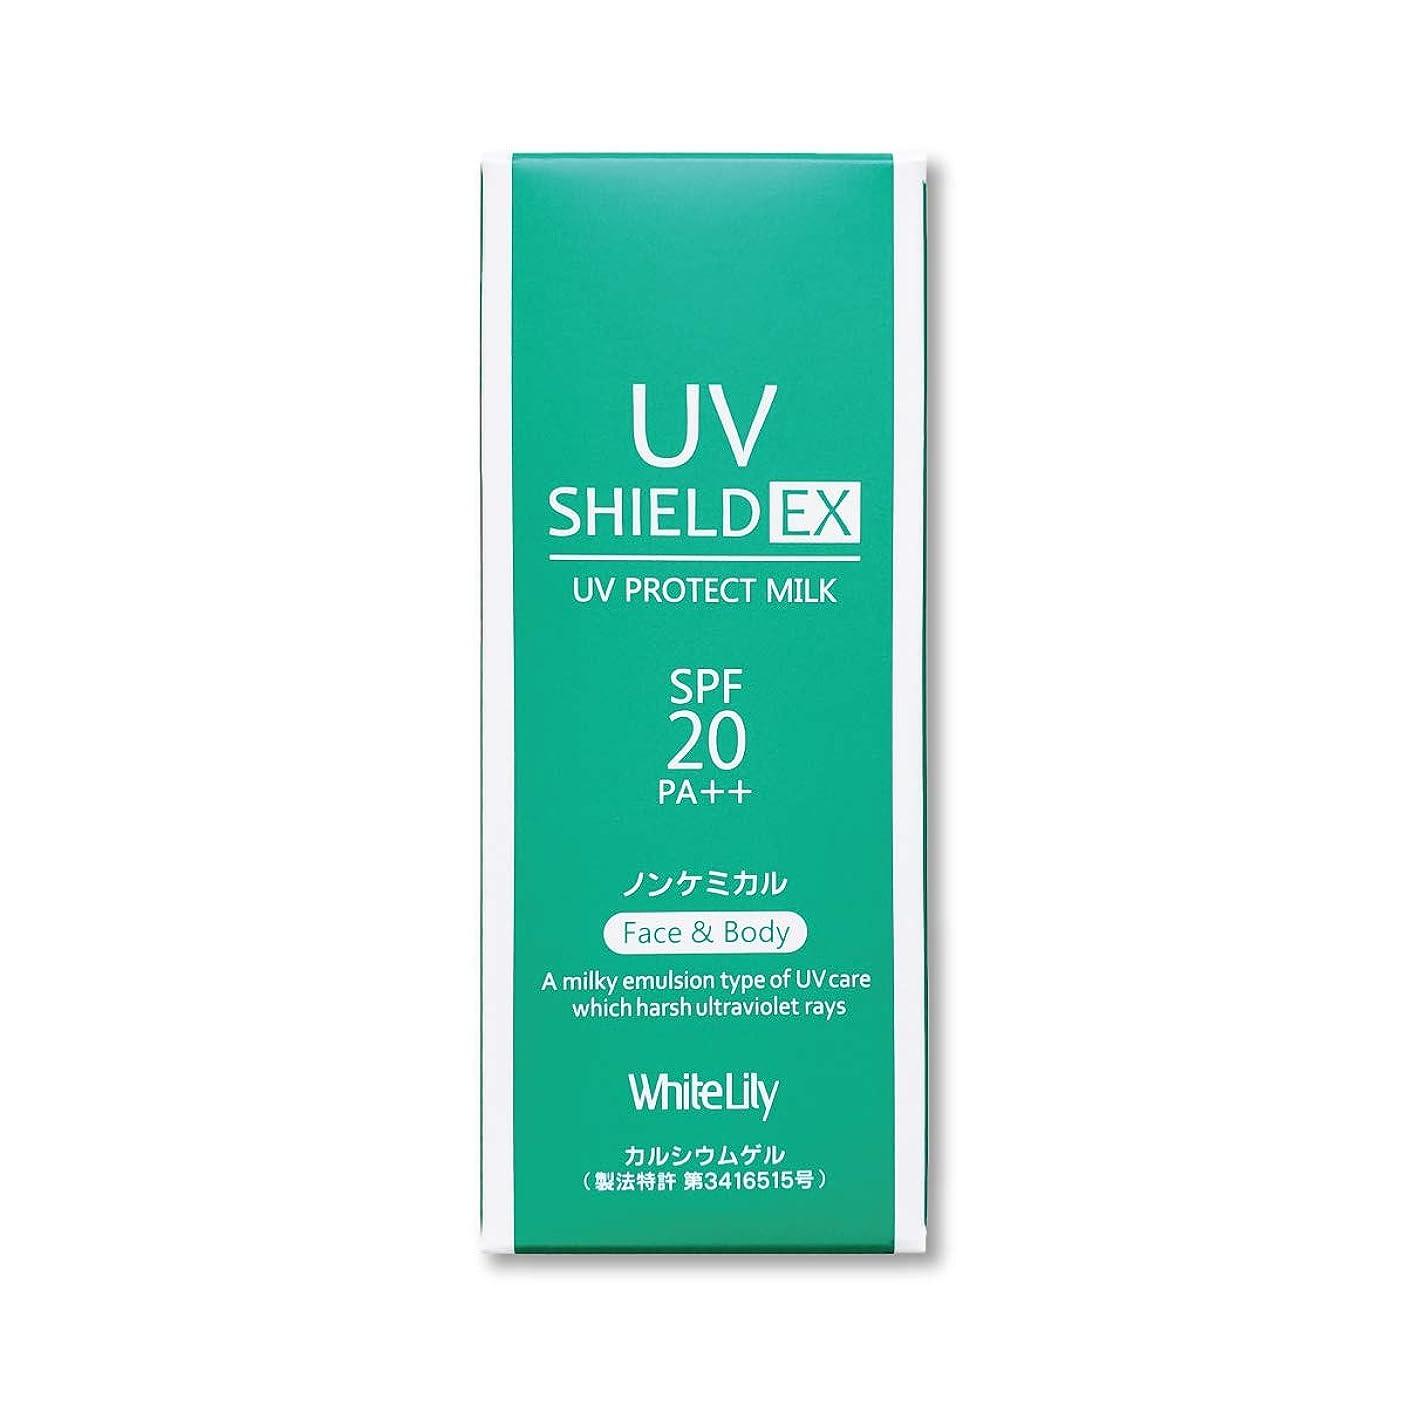 反応する差し引く盗賊ホワイトリリー UVシールド EX 敏感肌用日焼け止め乳液 SPF20 PA++ 50mL